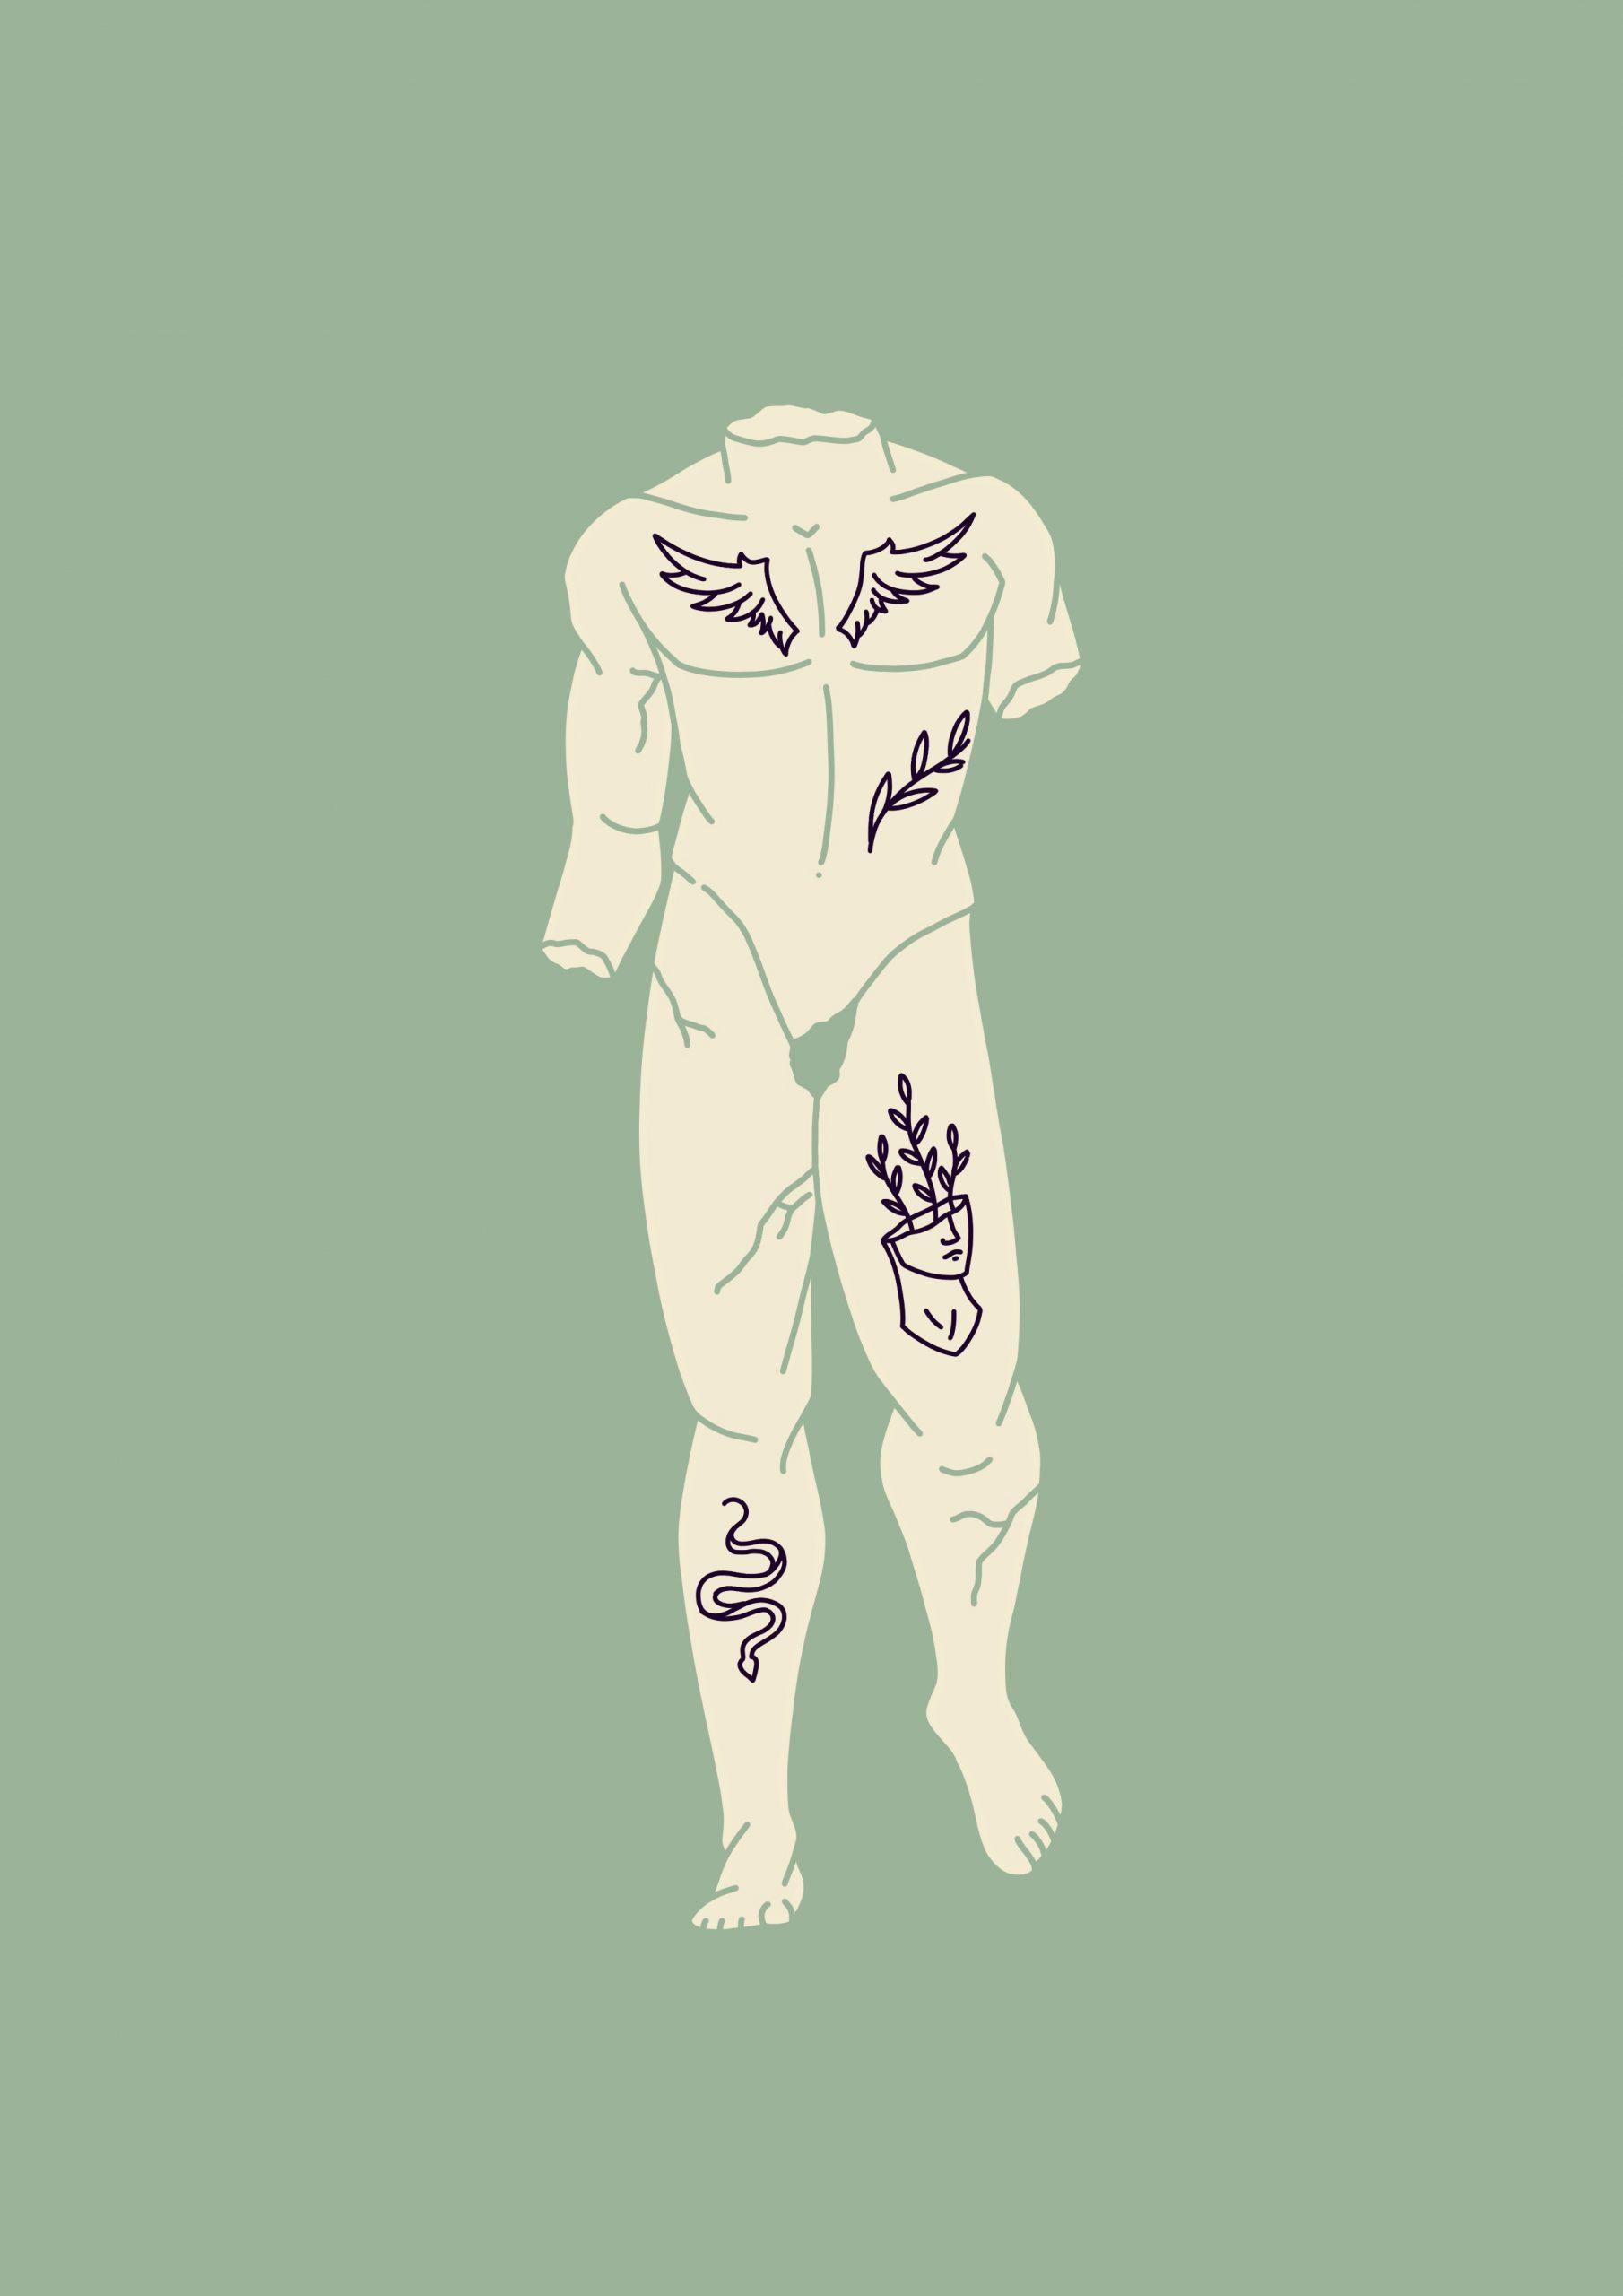 Illustratie van standbeeld met tattoos